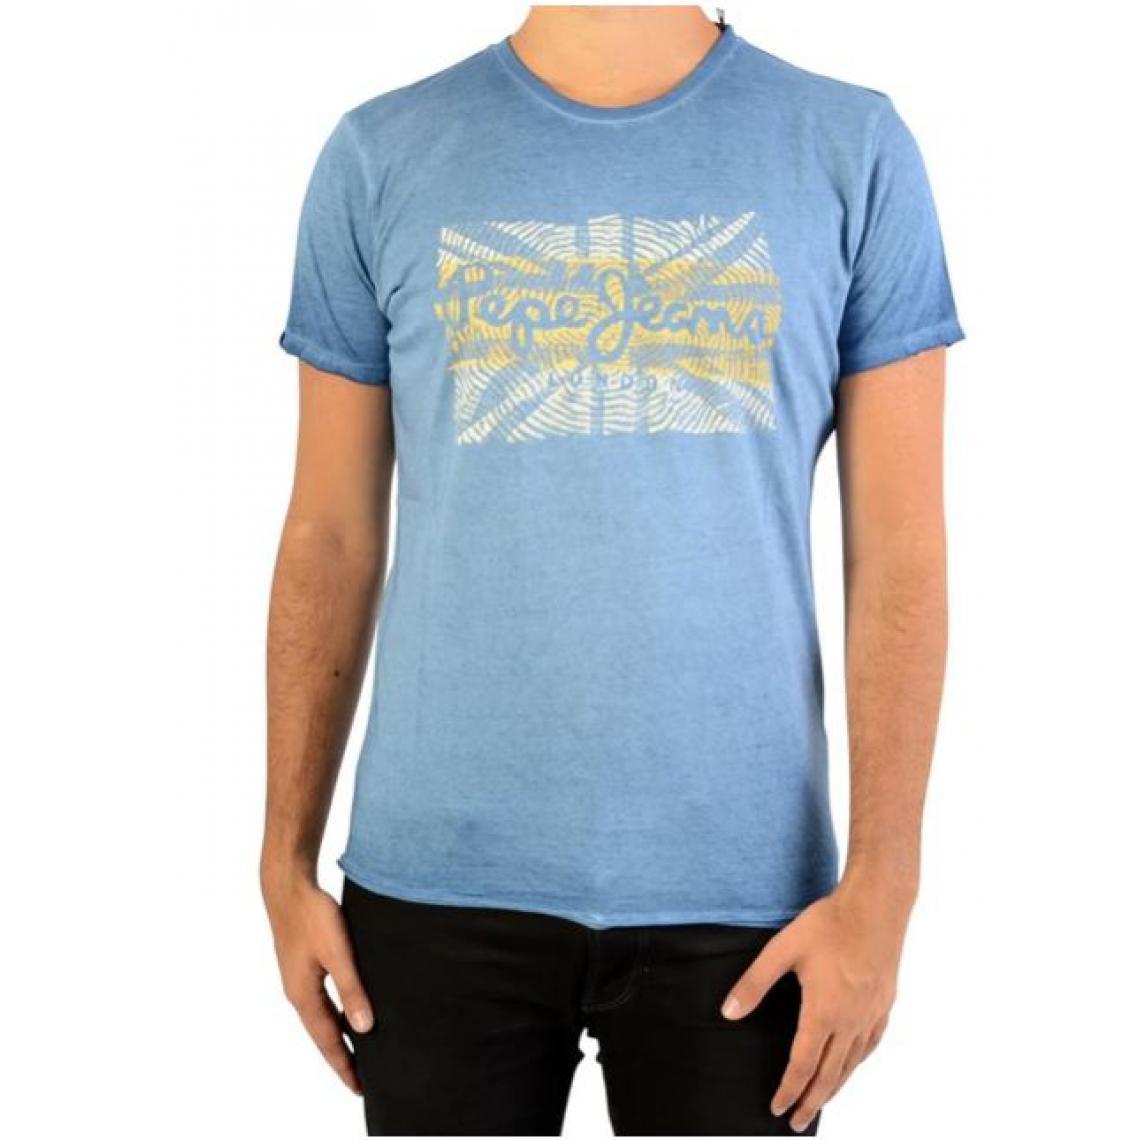 Homme Imprimé Bleu Pepe Shirt Manches Jeans Courtes Drapeau Tee xedBoC